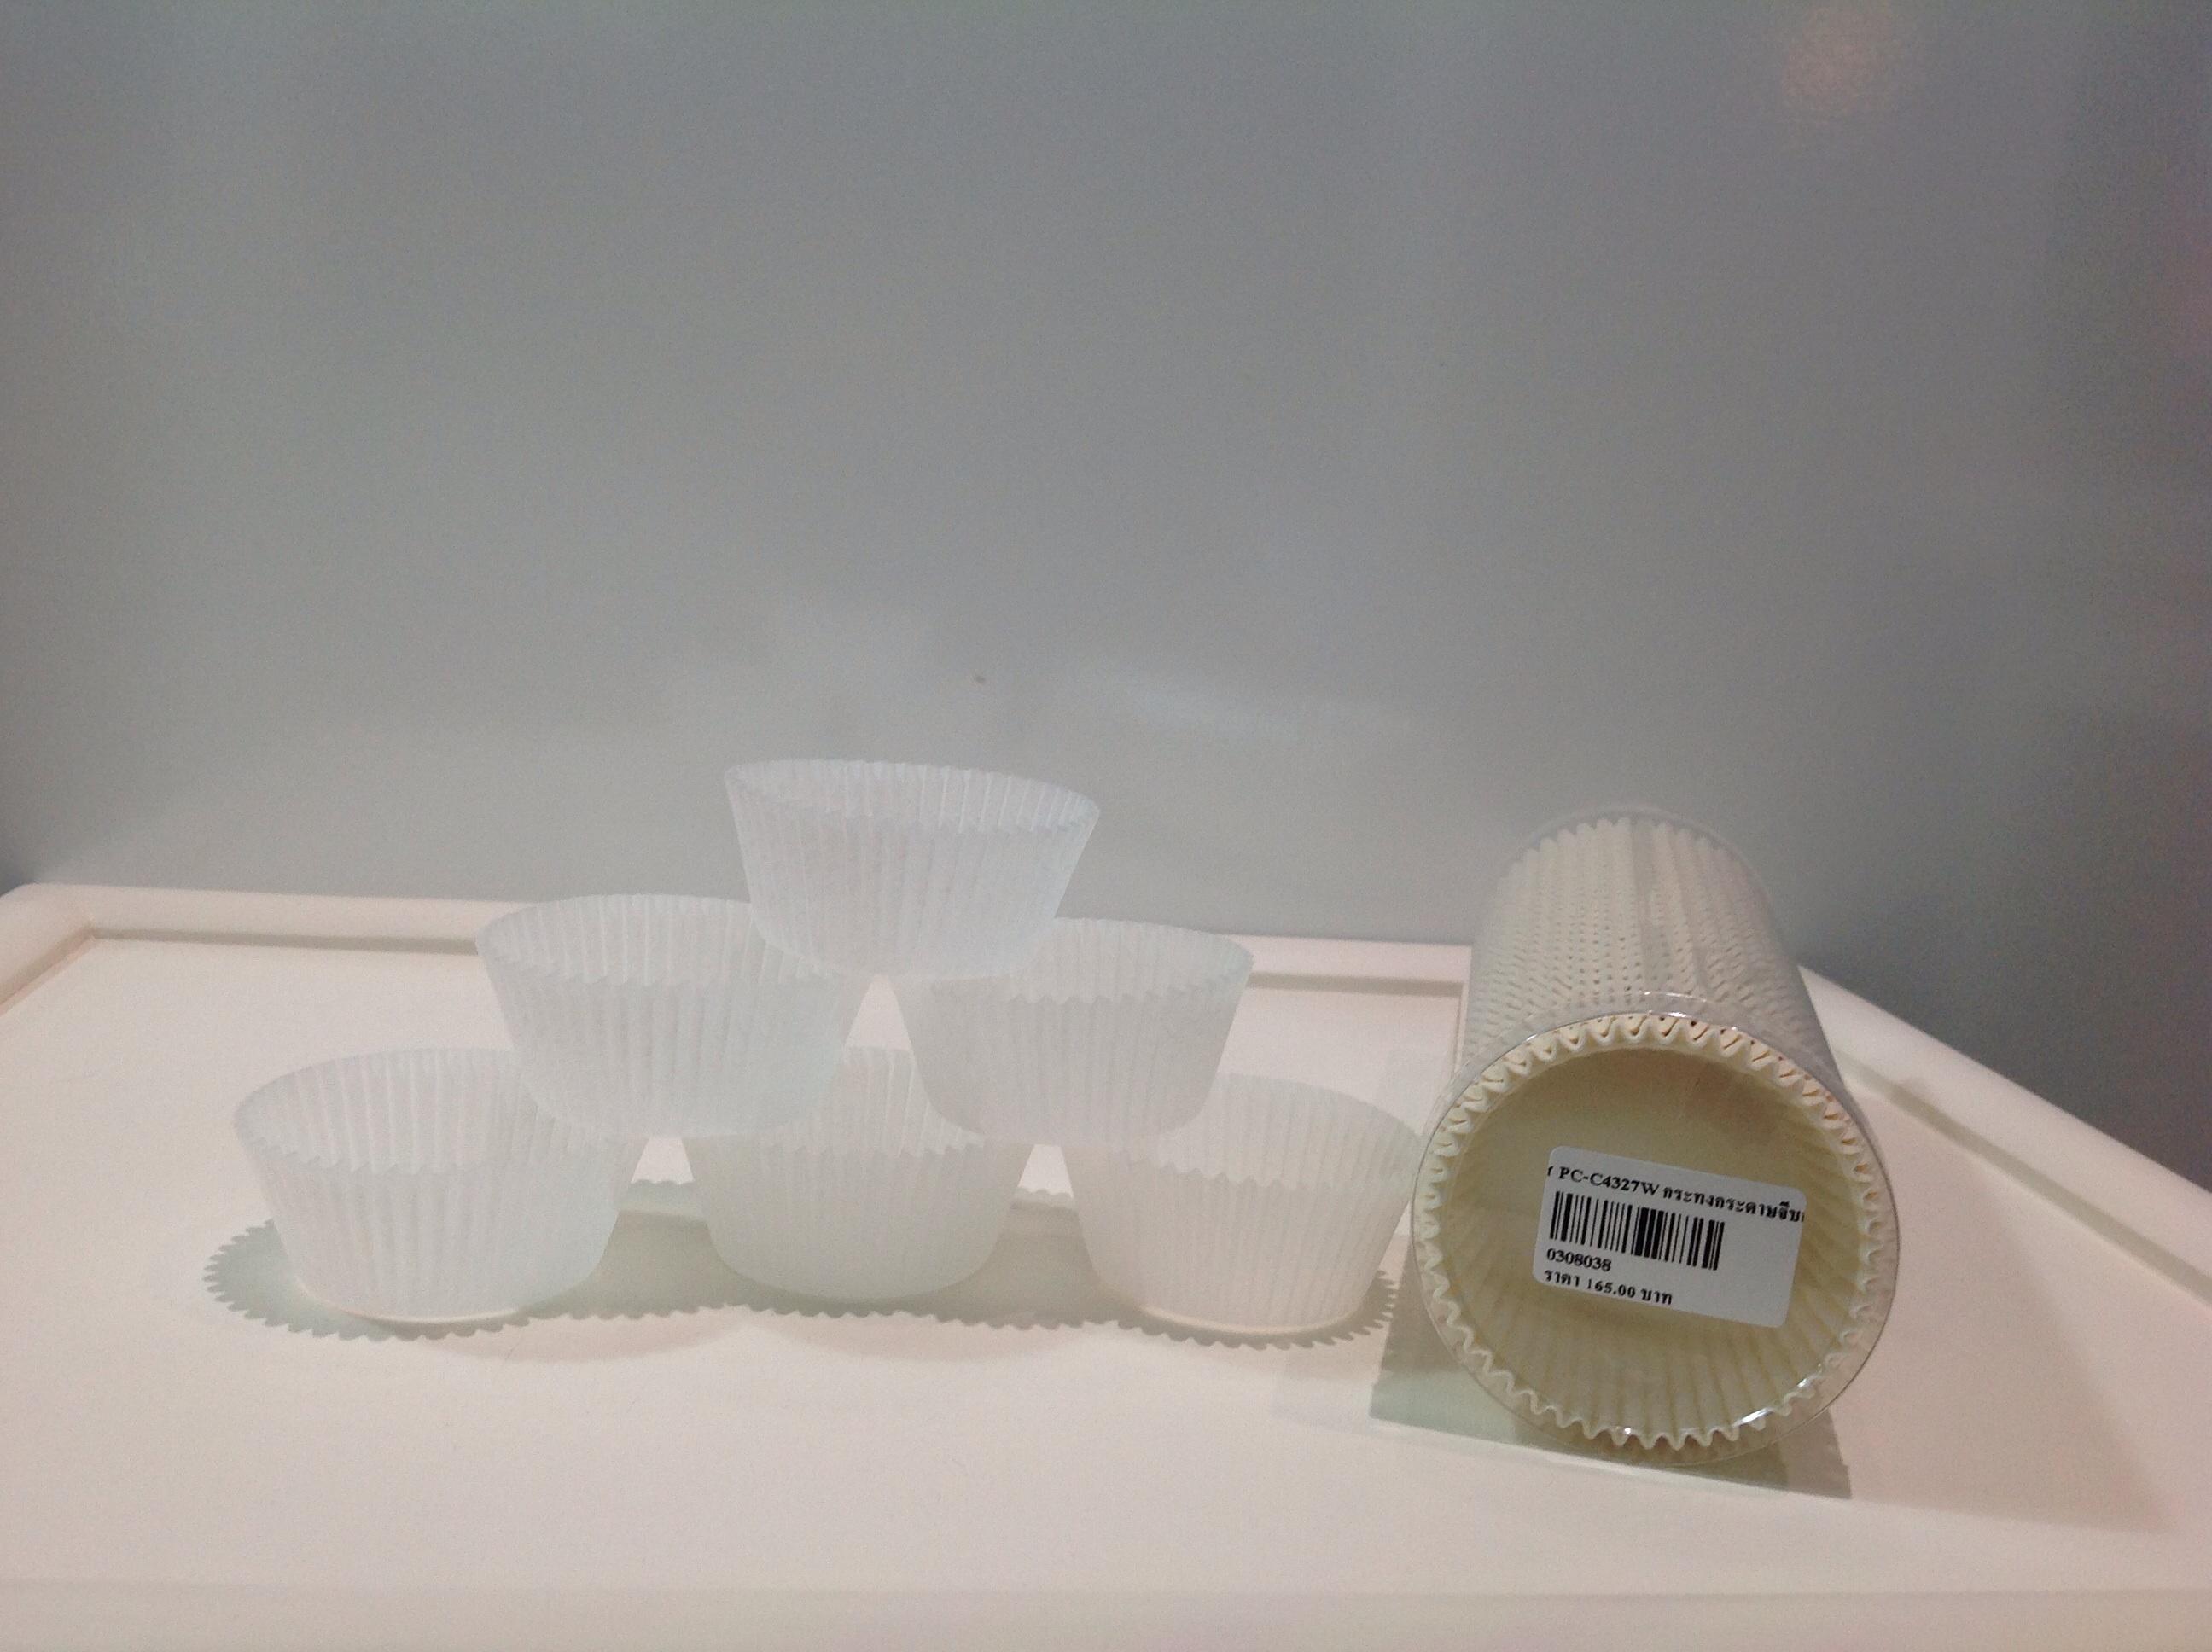 PC-C4327W กระทงกระดาษจีบสีขาว